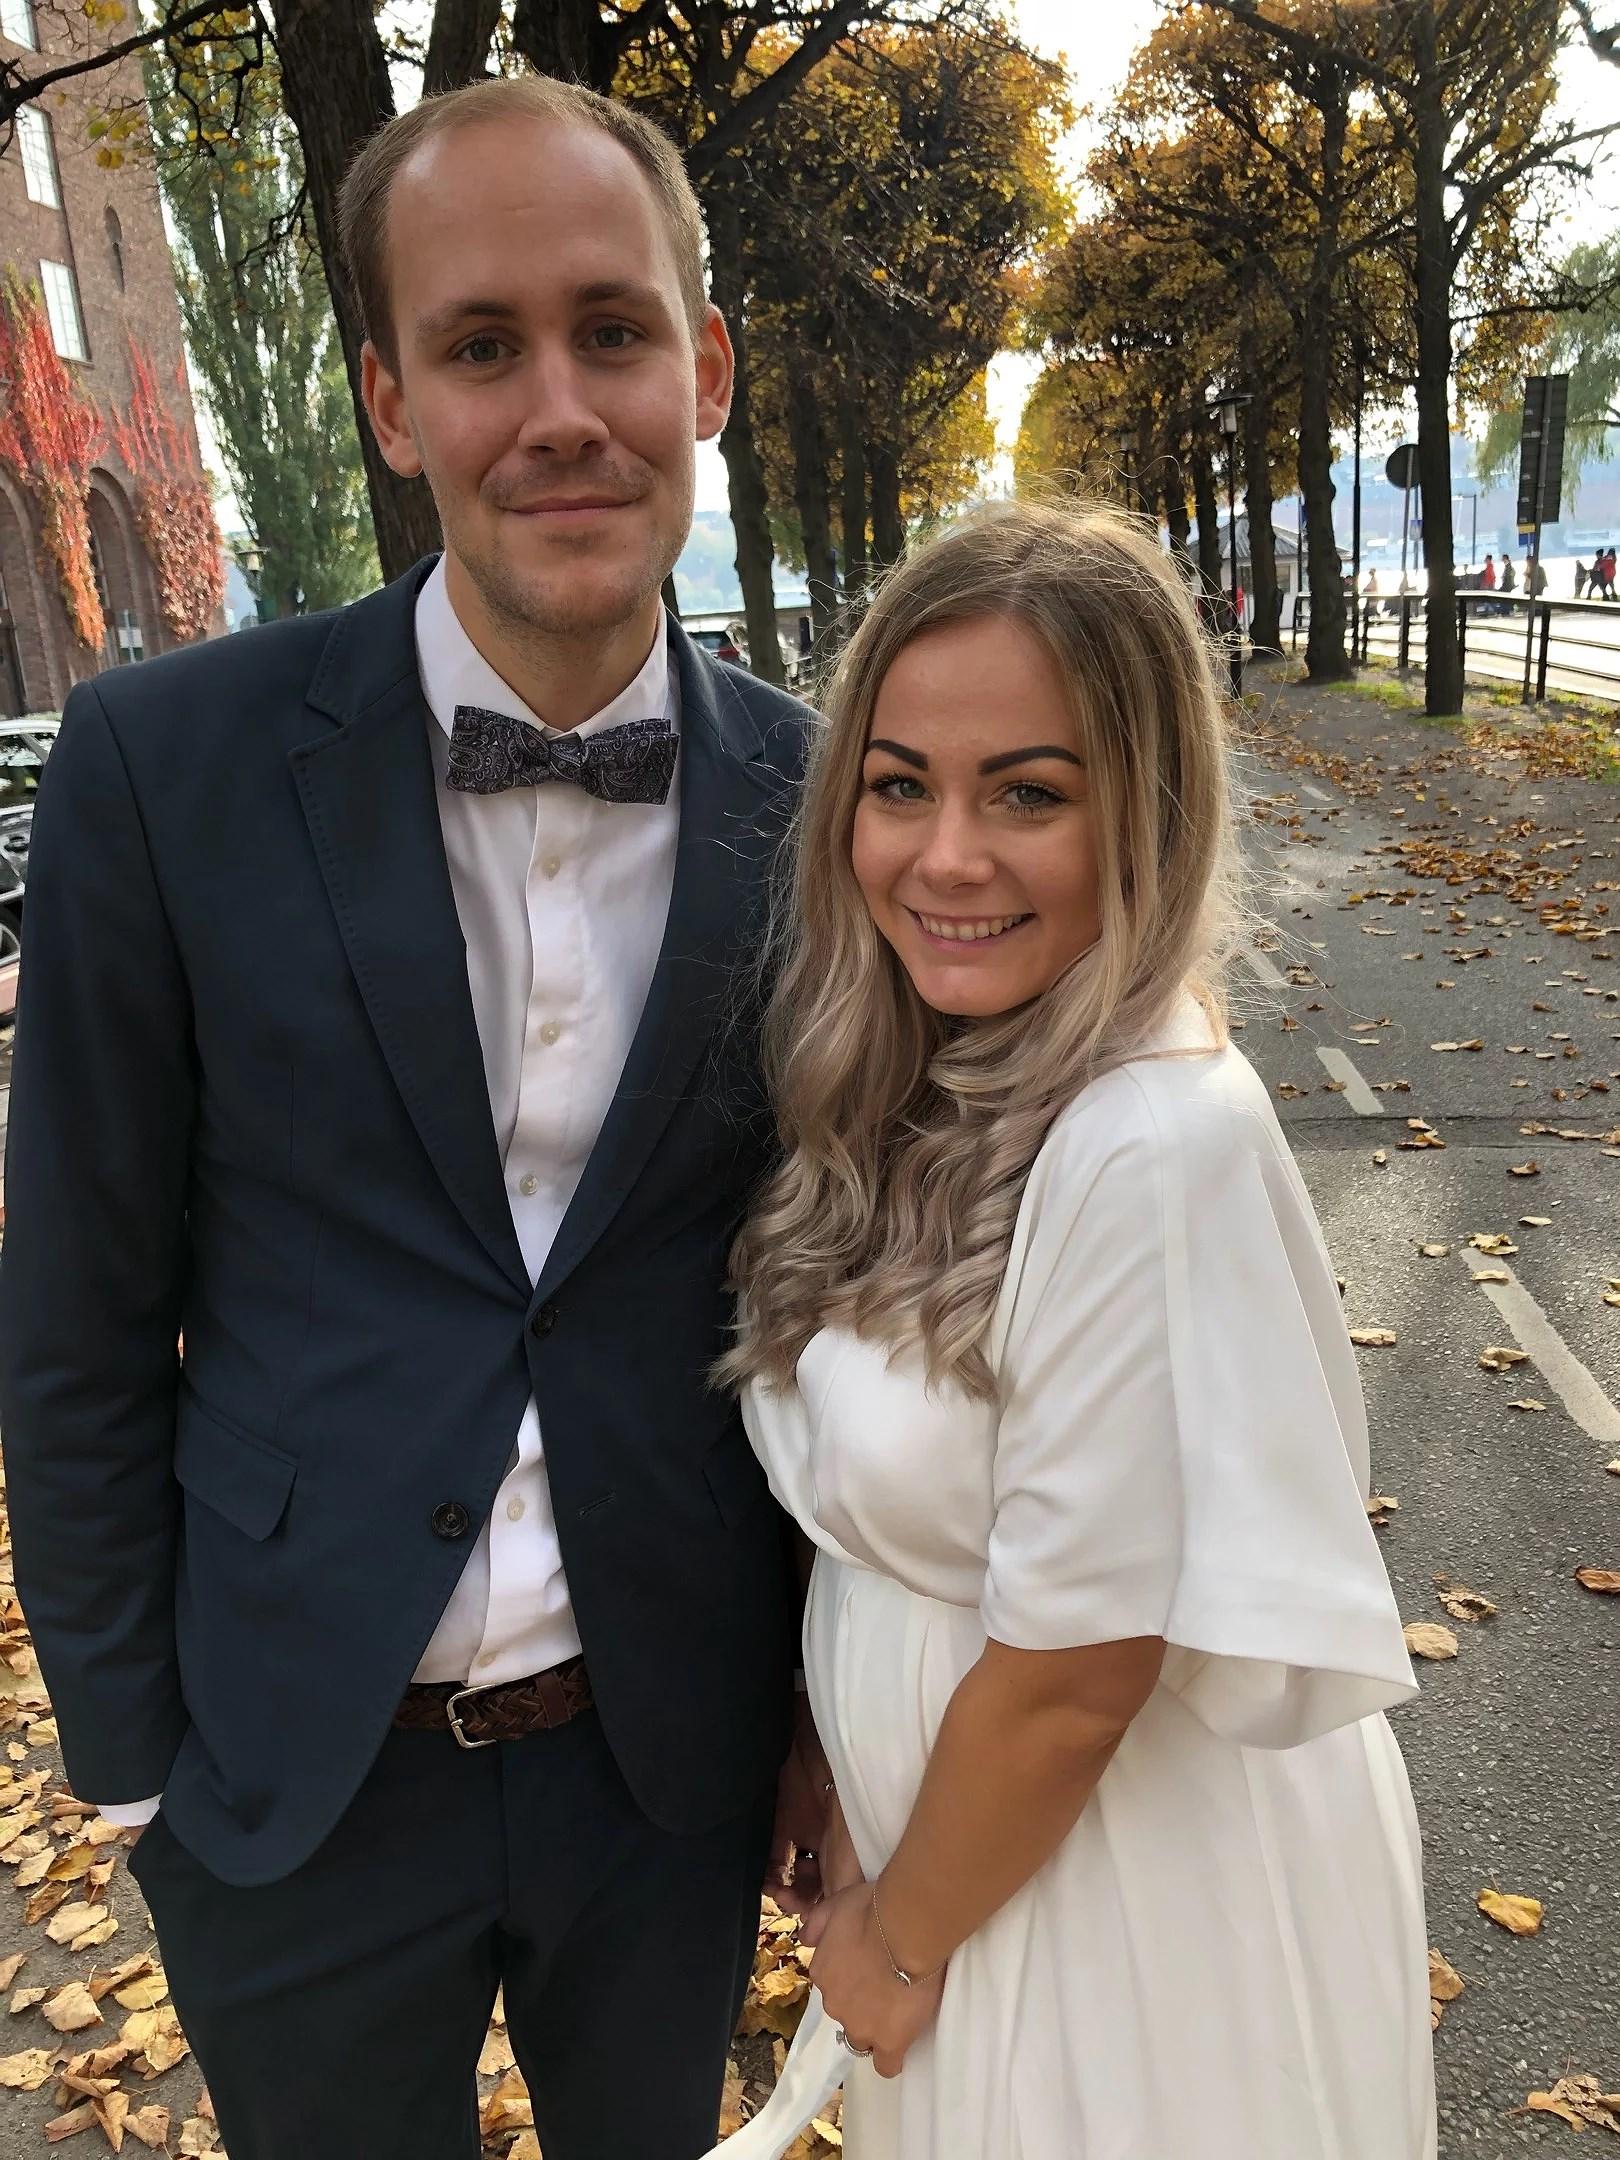 Mr & Mrs Gyllenberg.